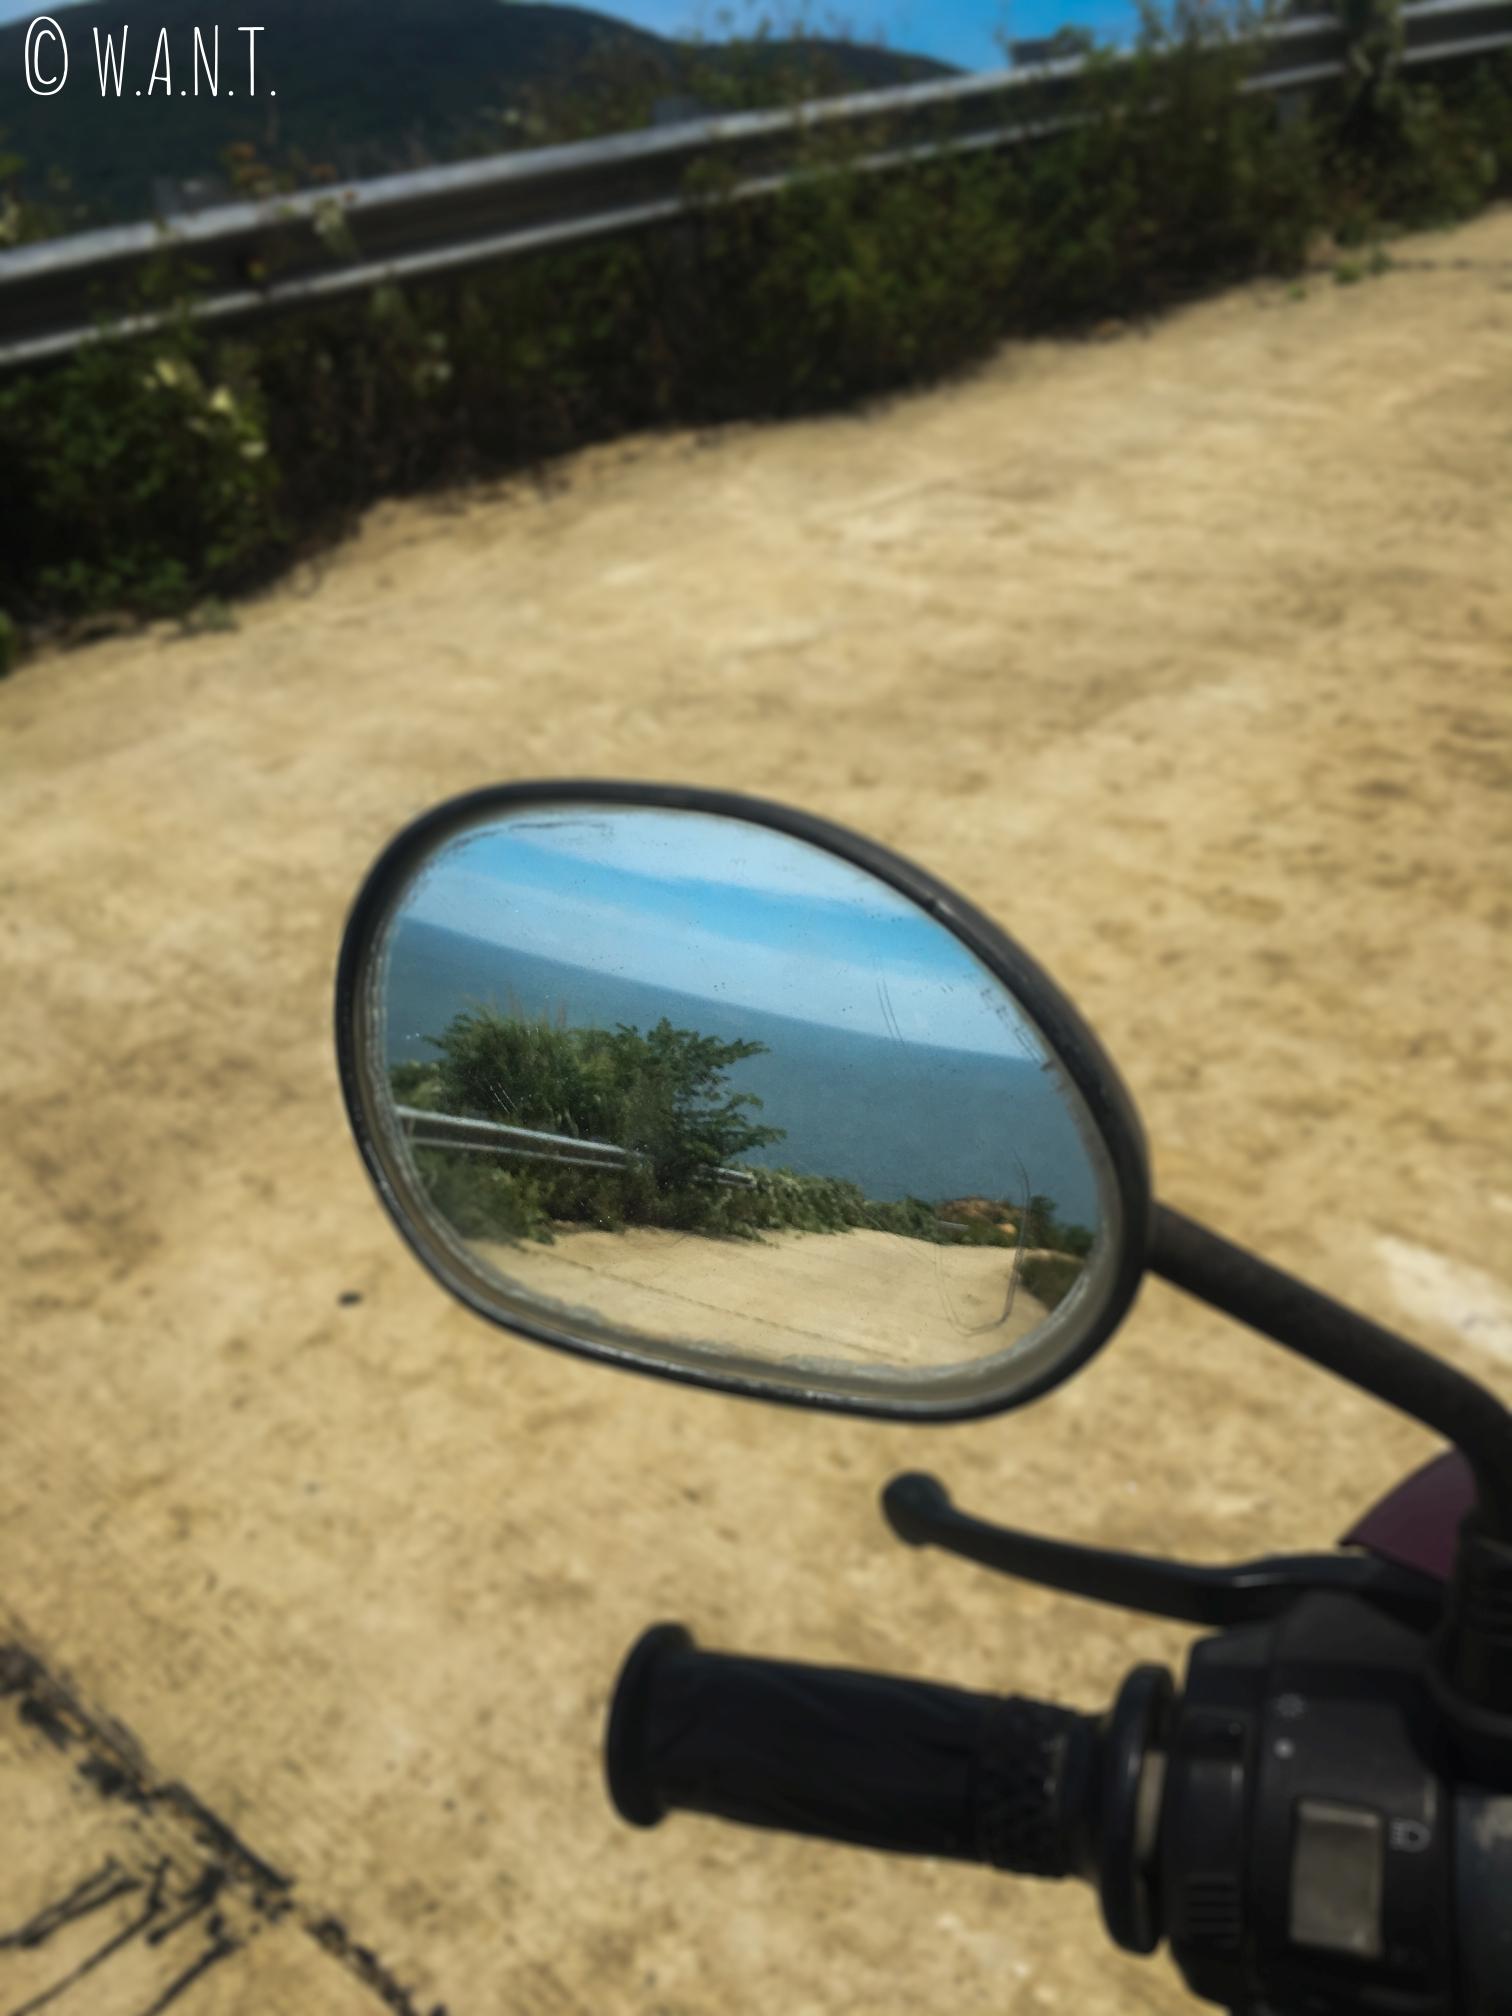 Magnifique paysage dans le rétroviseur de notre scooter sur la presqu'île Son Tra